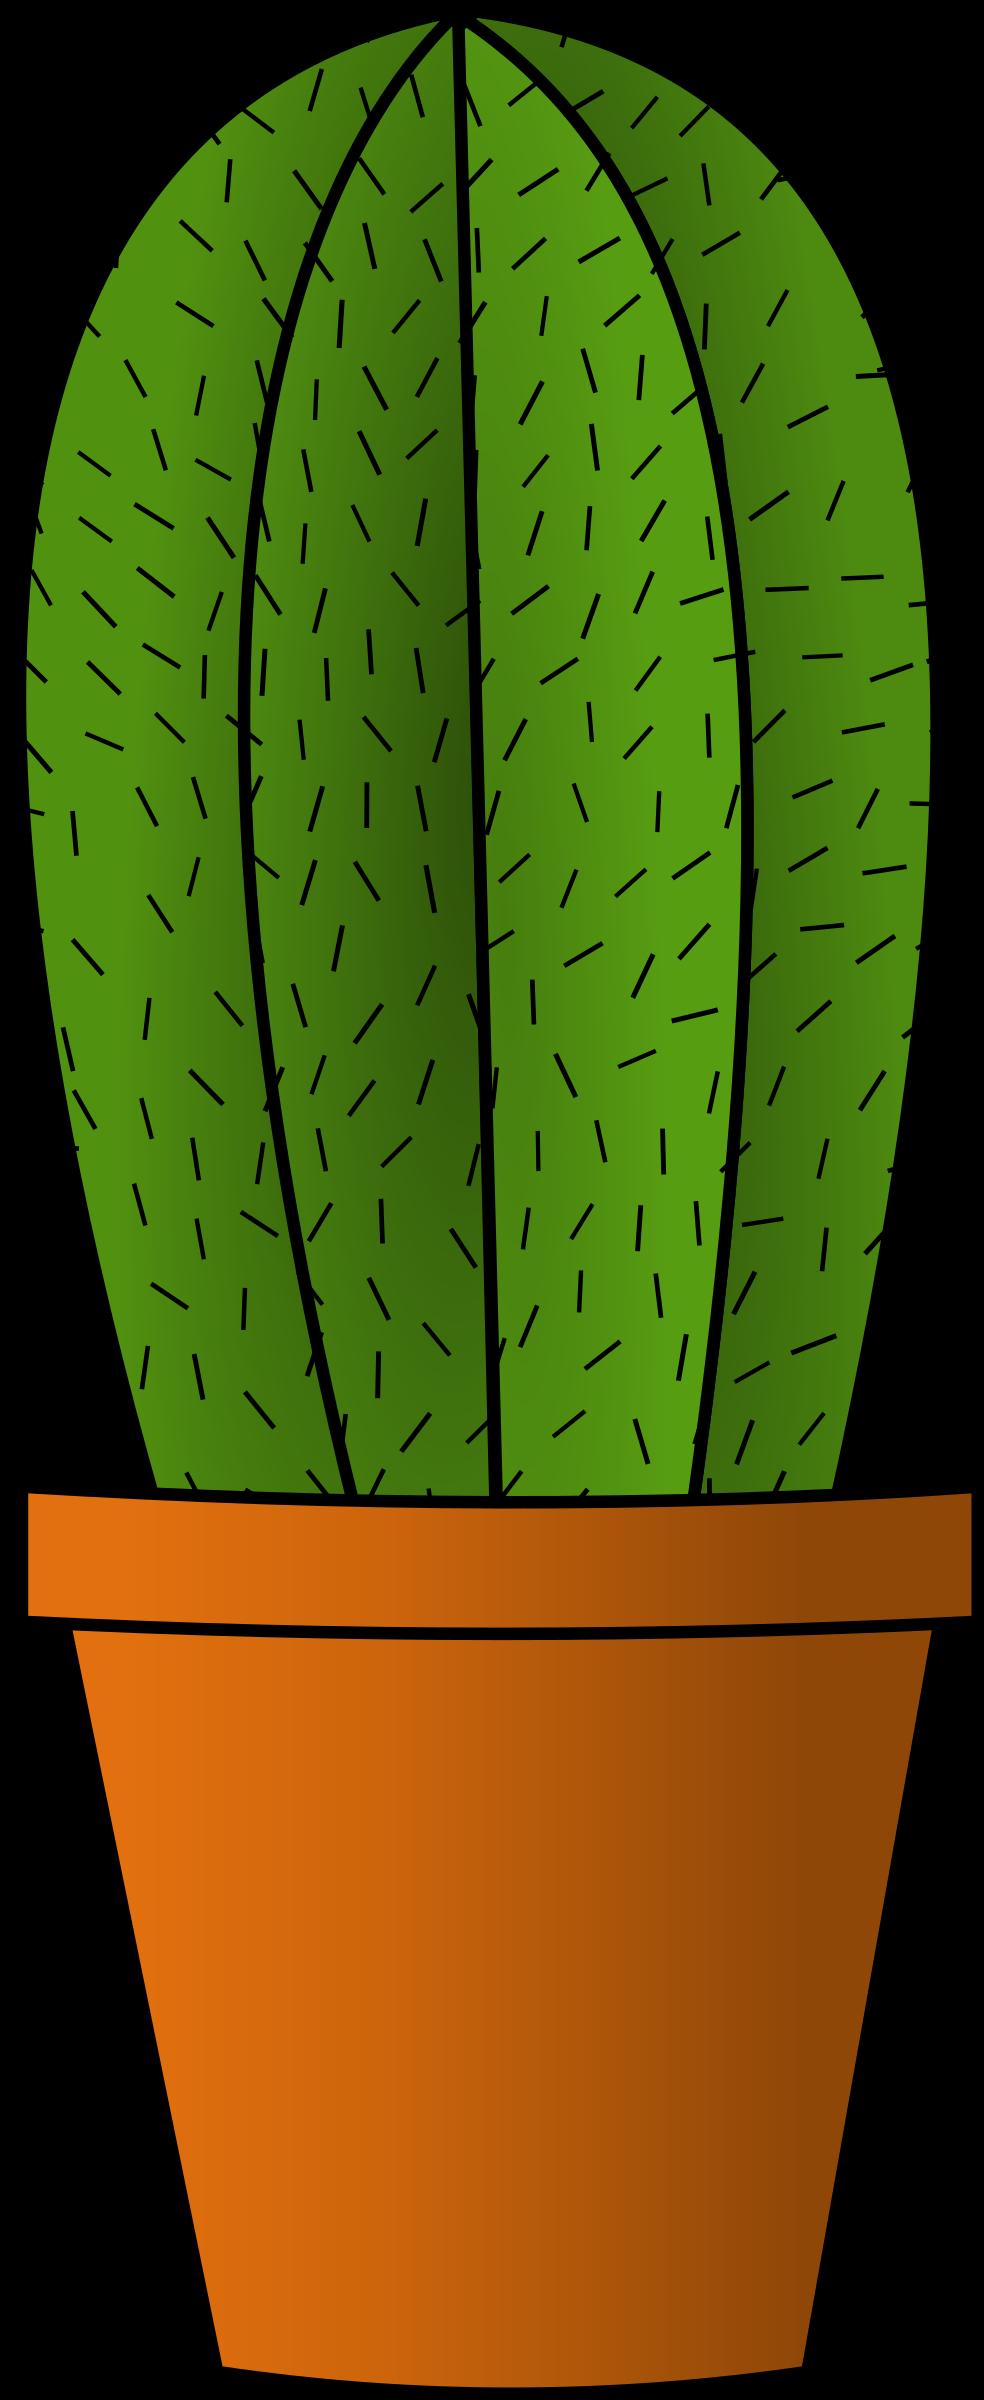 Clipart leaf cactus.